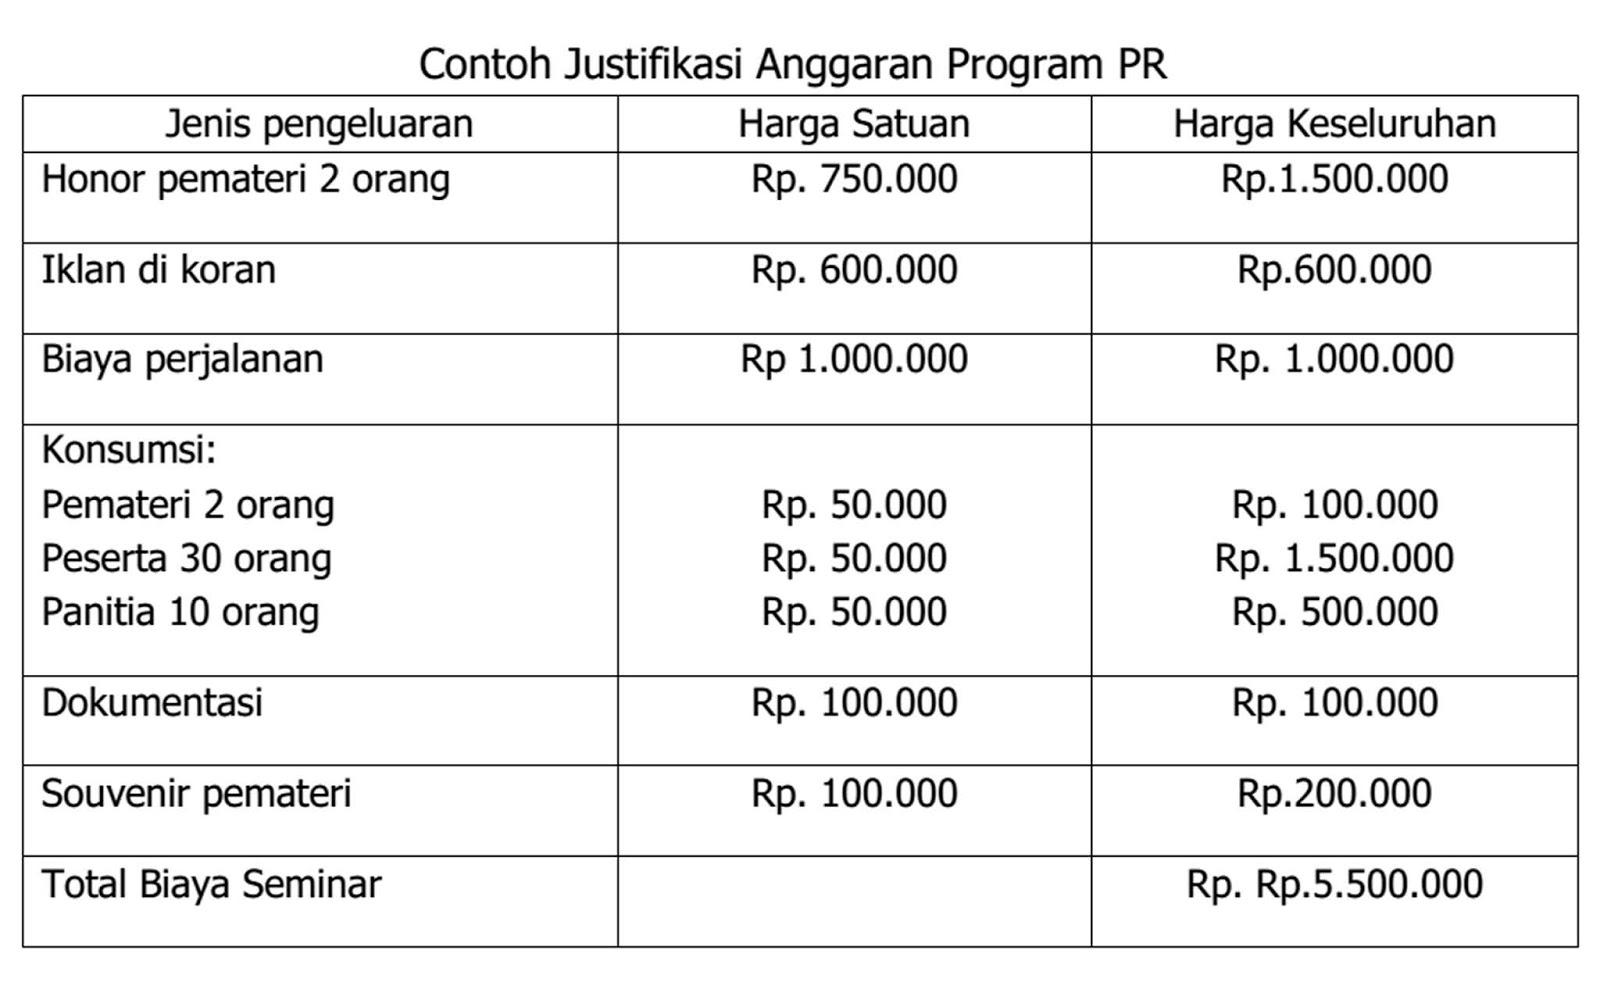 Mendapatkan Persetujuan Dan Memonitor Penggunaan Anggaran